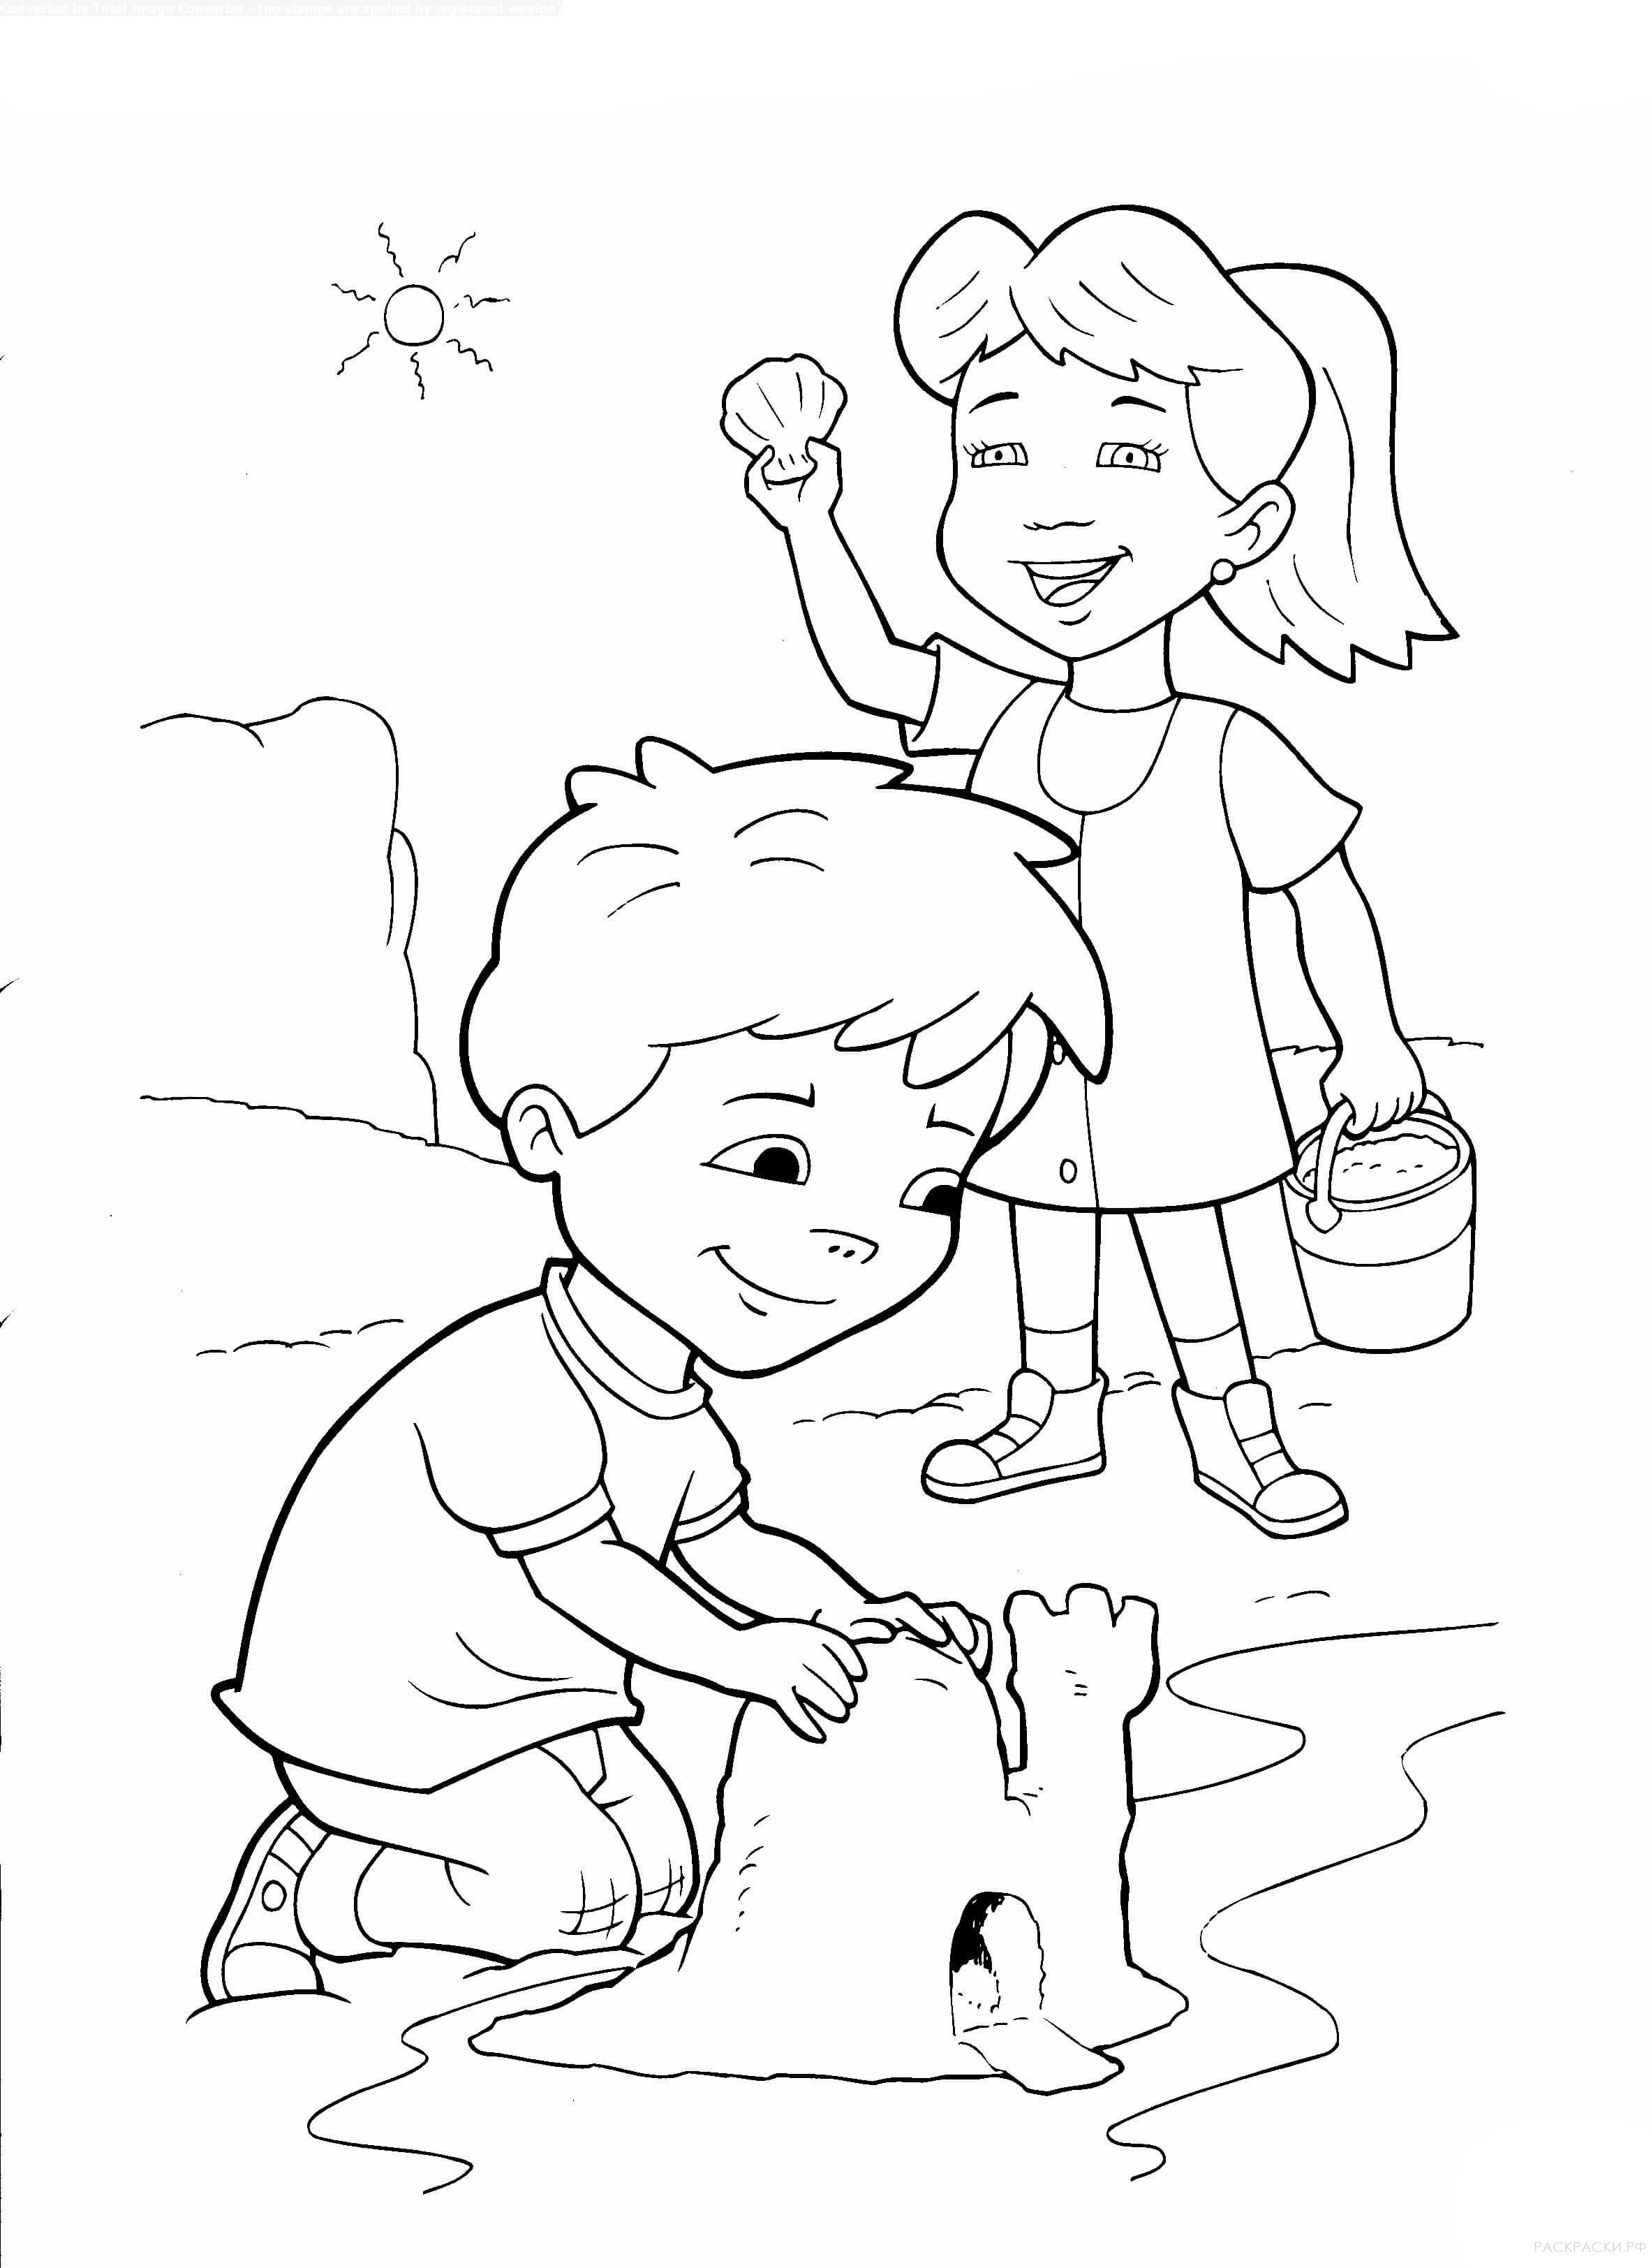 раскраски с детками раскраски с детьми скачать бесплатно